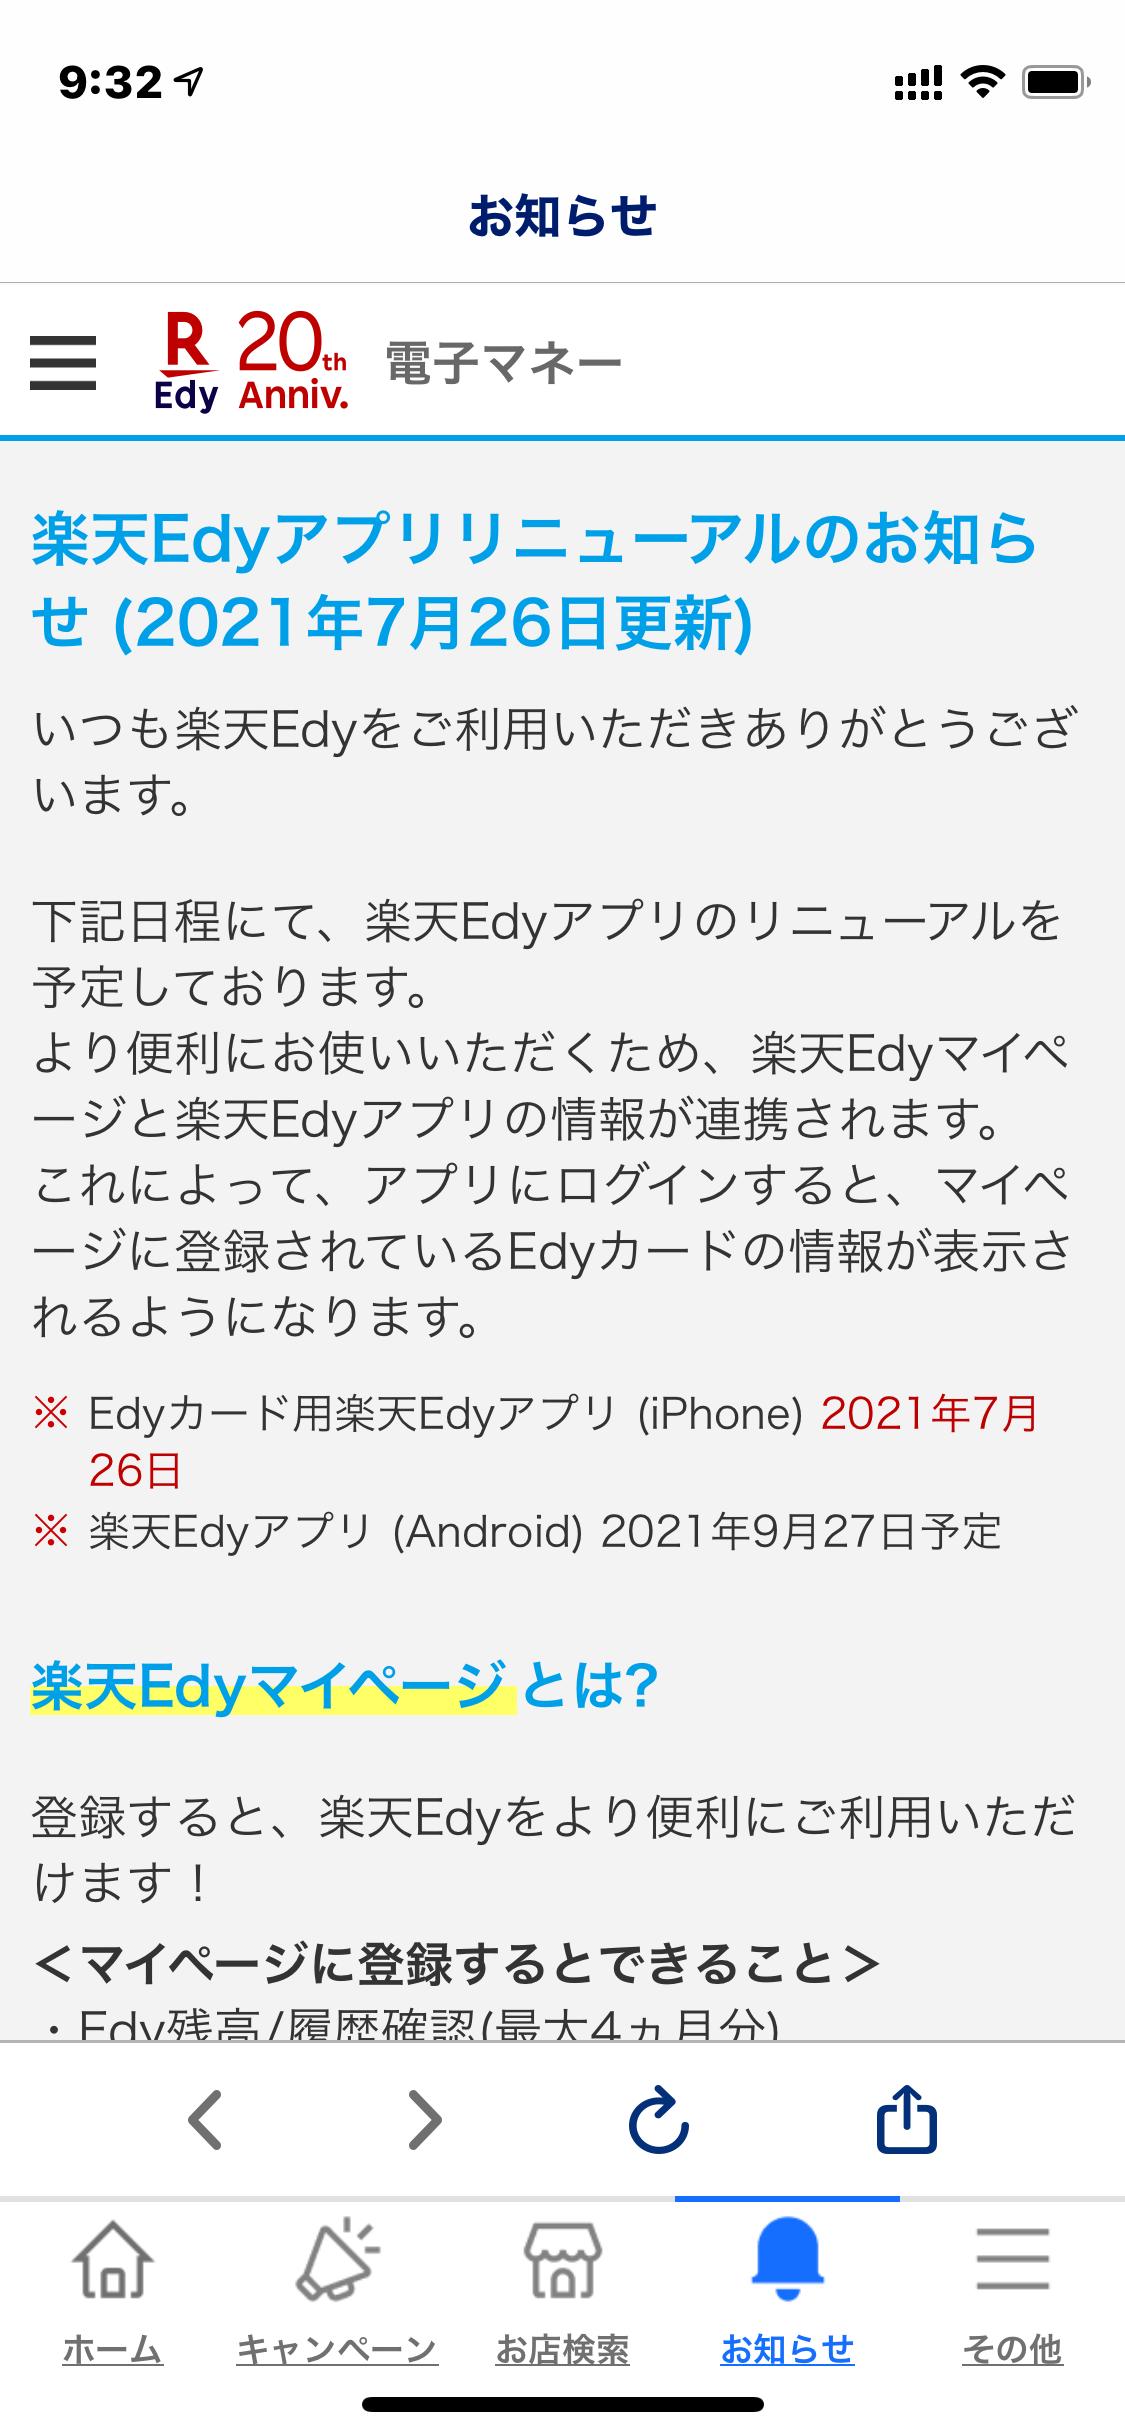 f:id:goldensnail:20210730094048p:plain:w400